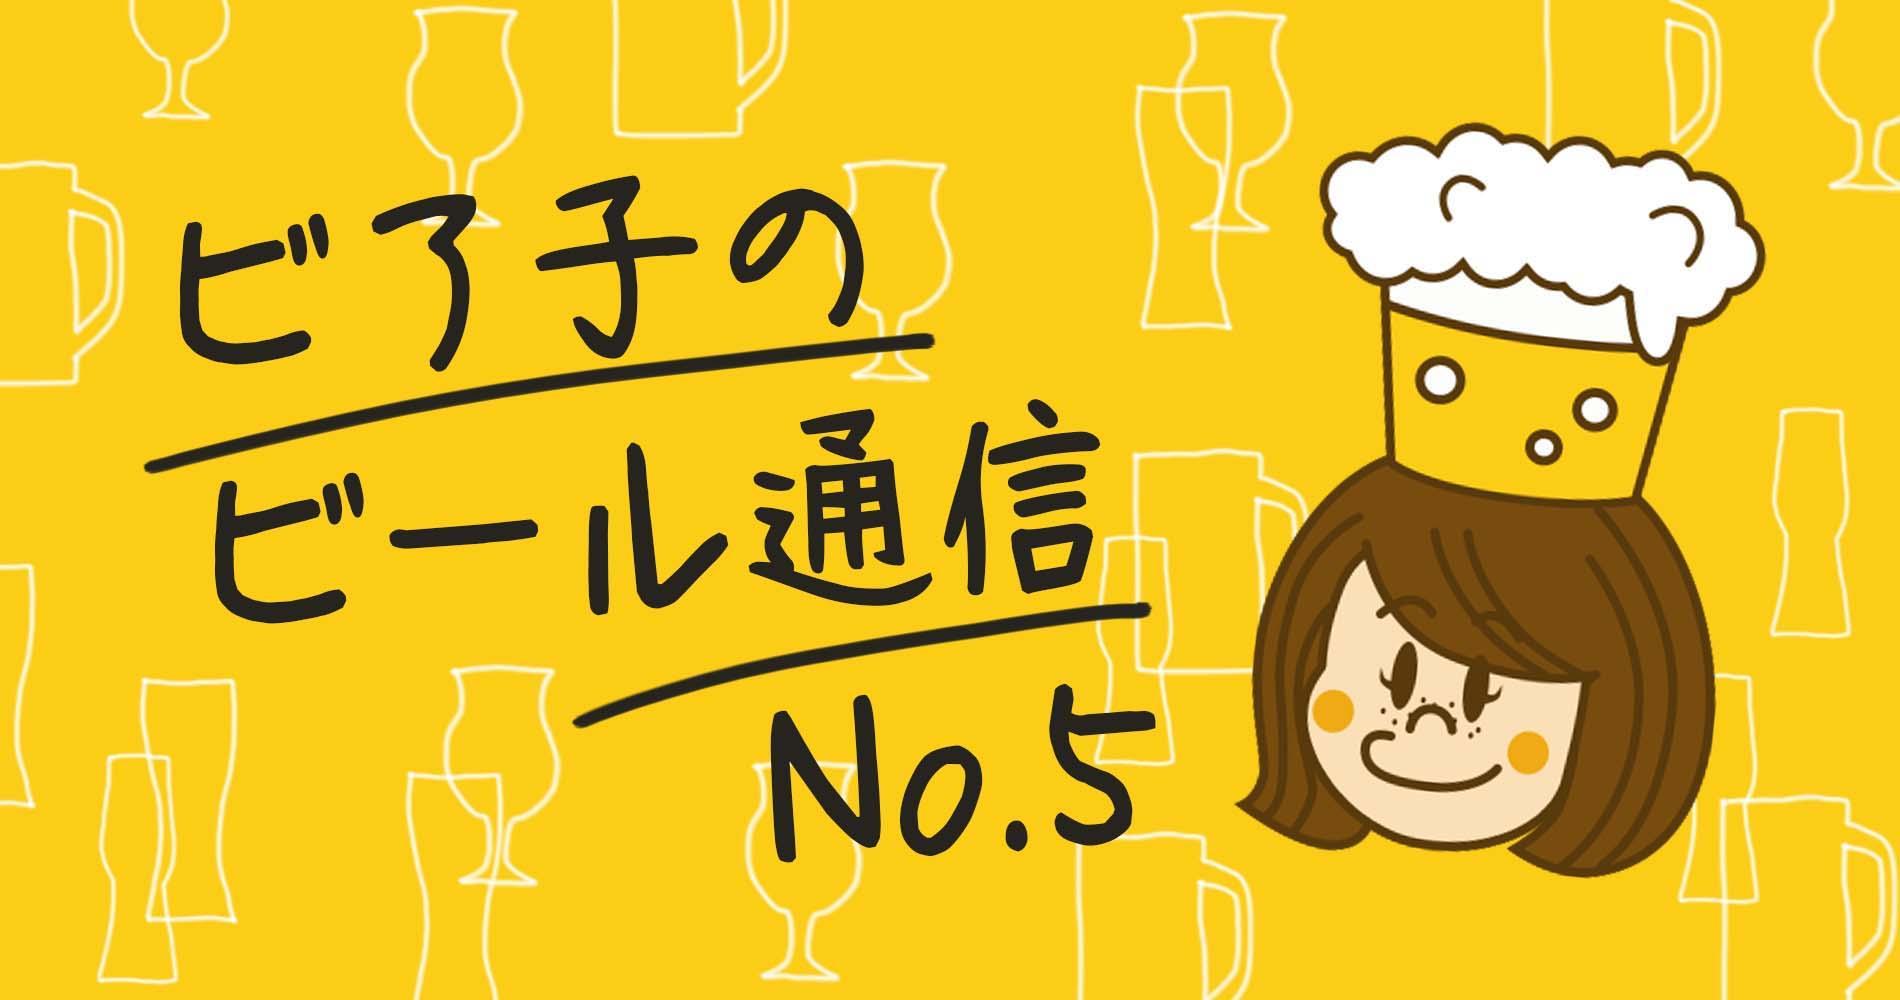 ビア子のビール通信No.5